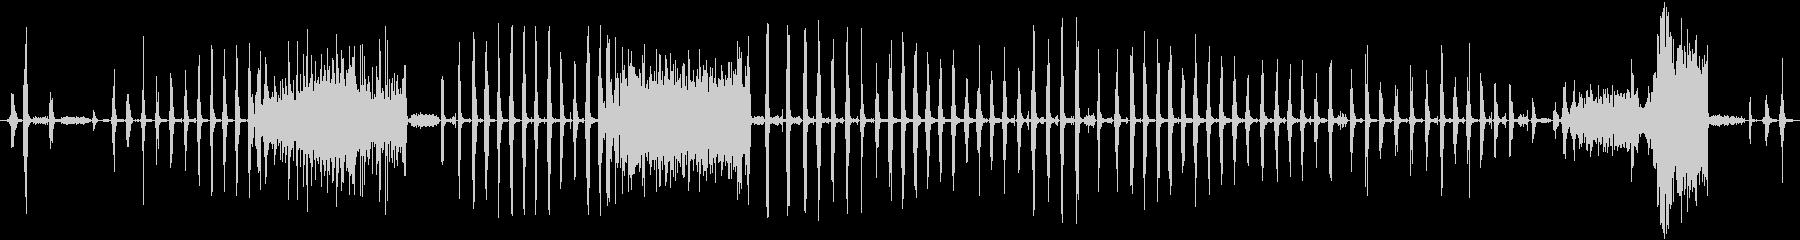 大きなラットチャッタークリーチャー...の未再生の波形